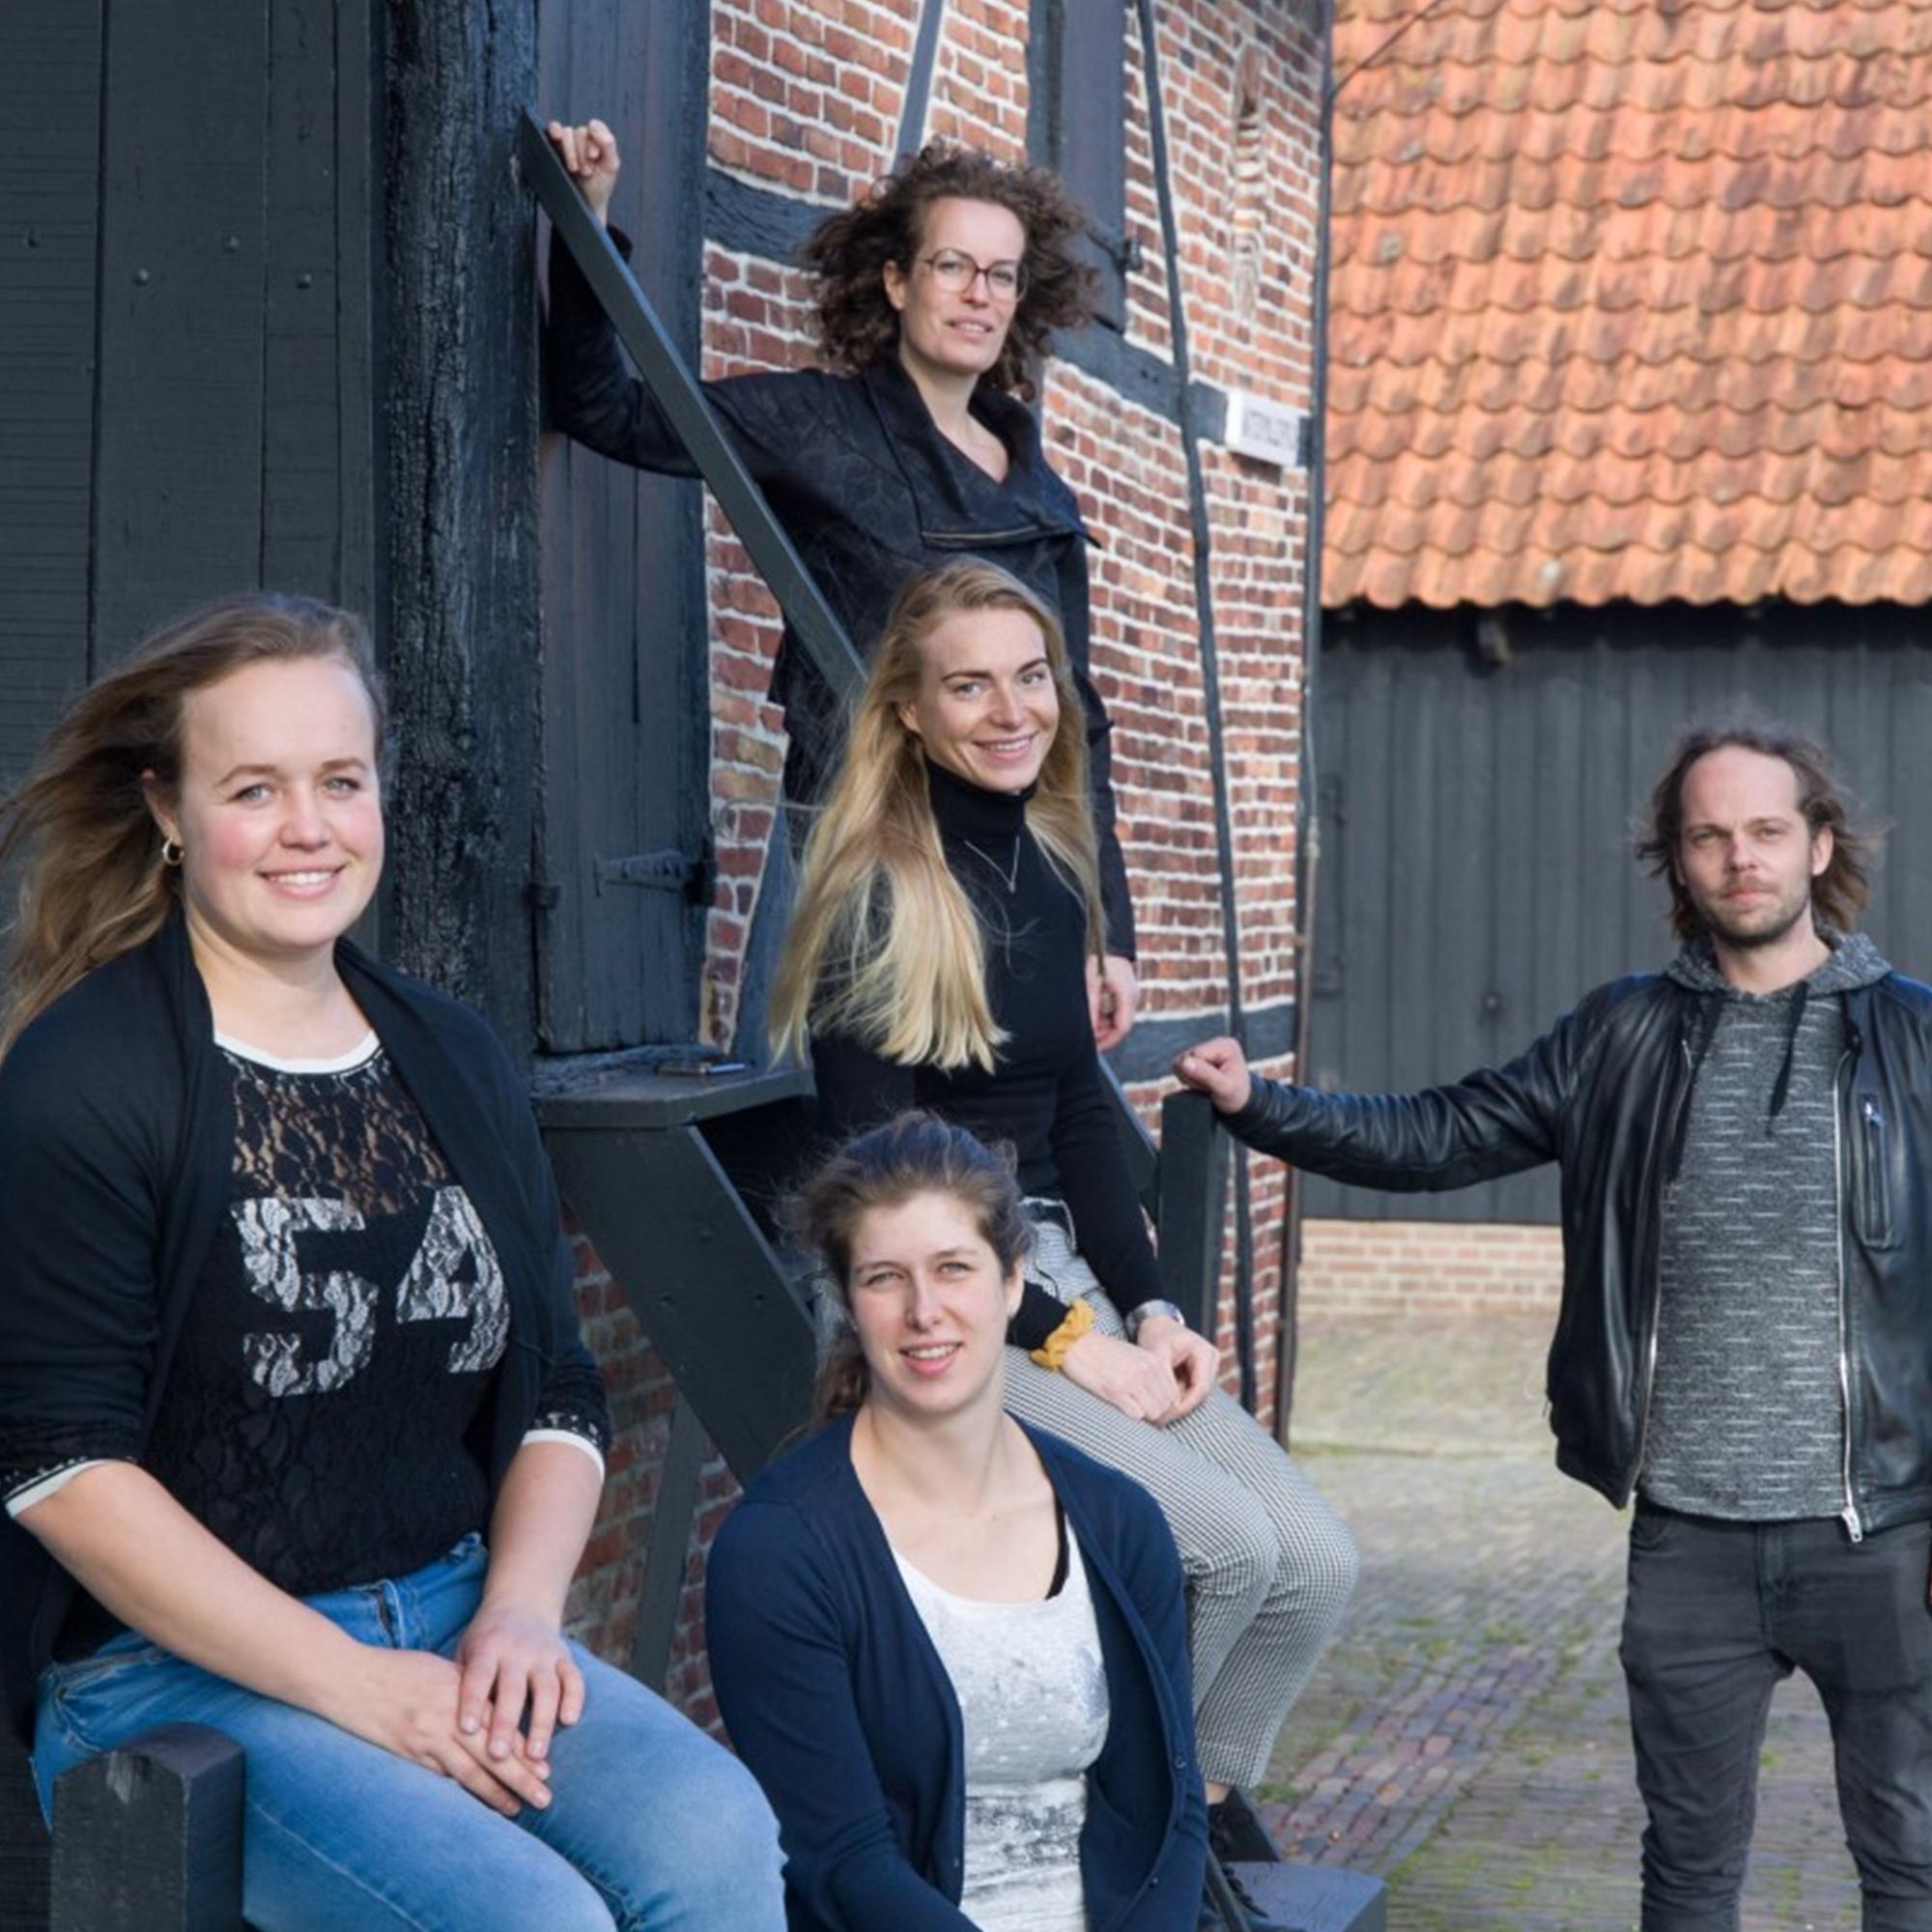 Marianne van de Sluis, Evelien Holtmaat, Marieke Duijn, Arjan Venhuizen en Rachel Scheurwater